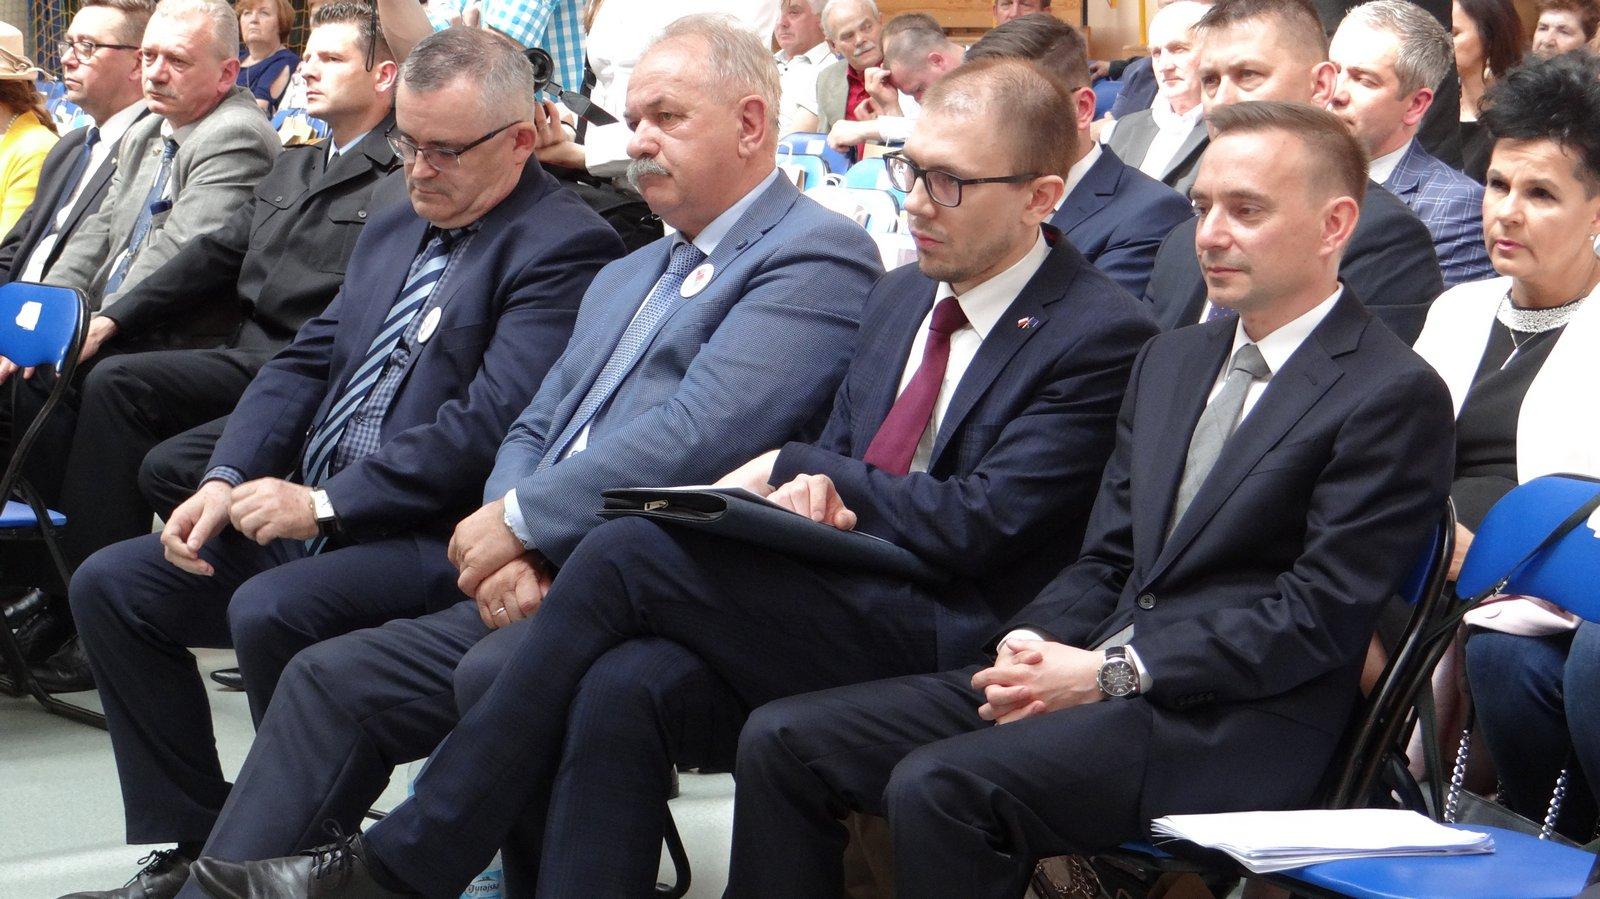 dsc09454 - Wielkopolska zaradność i pracowitość doceniona na Forum Wielkopolskiej Wsi Europejskiej